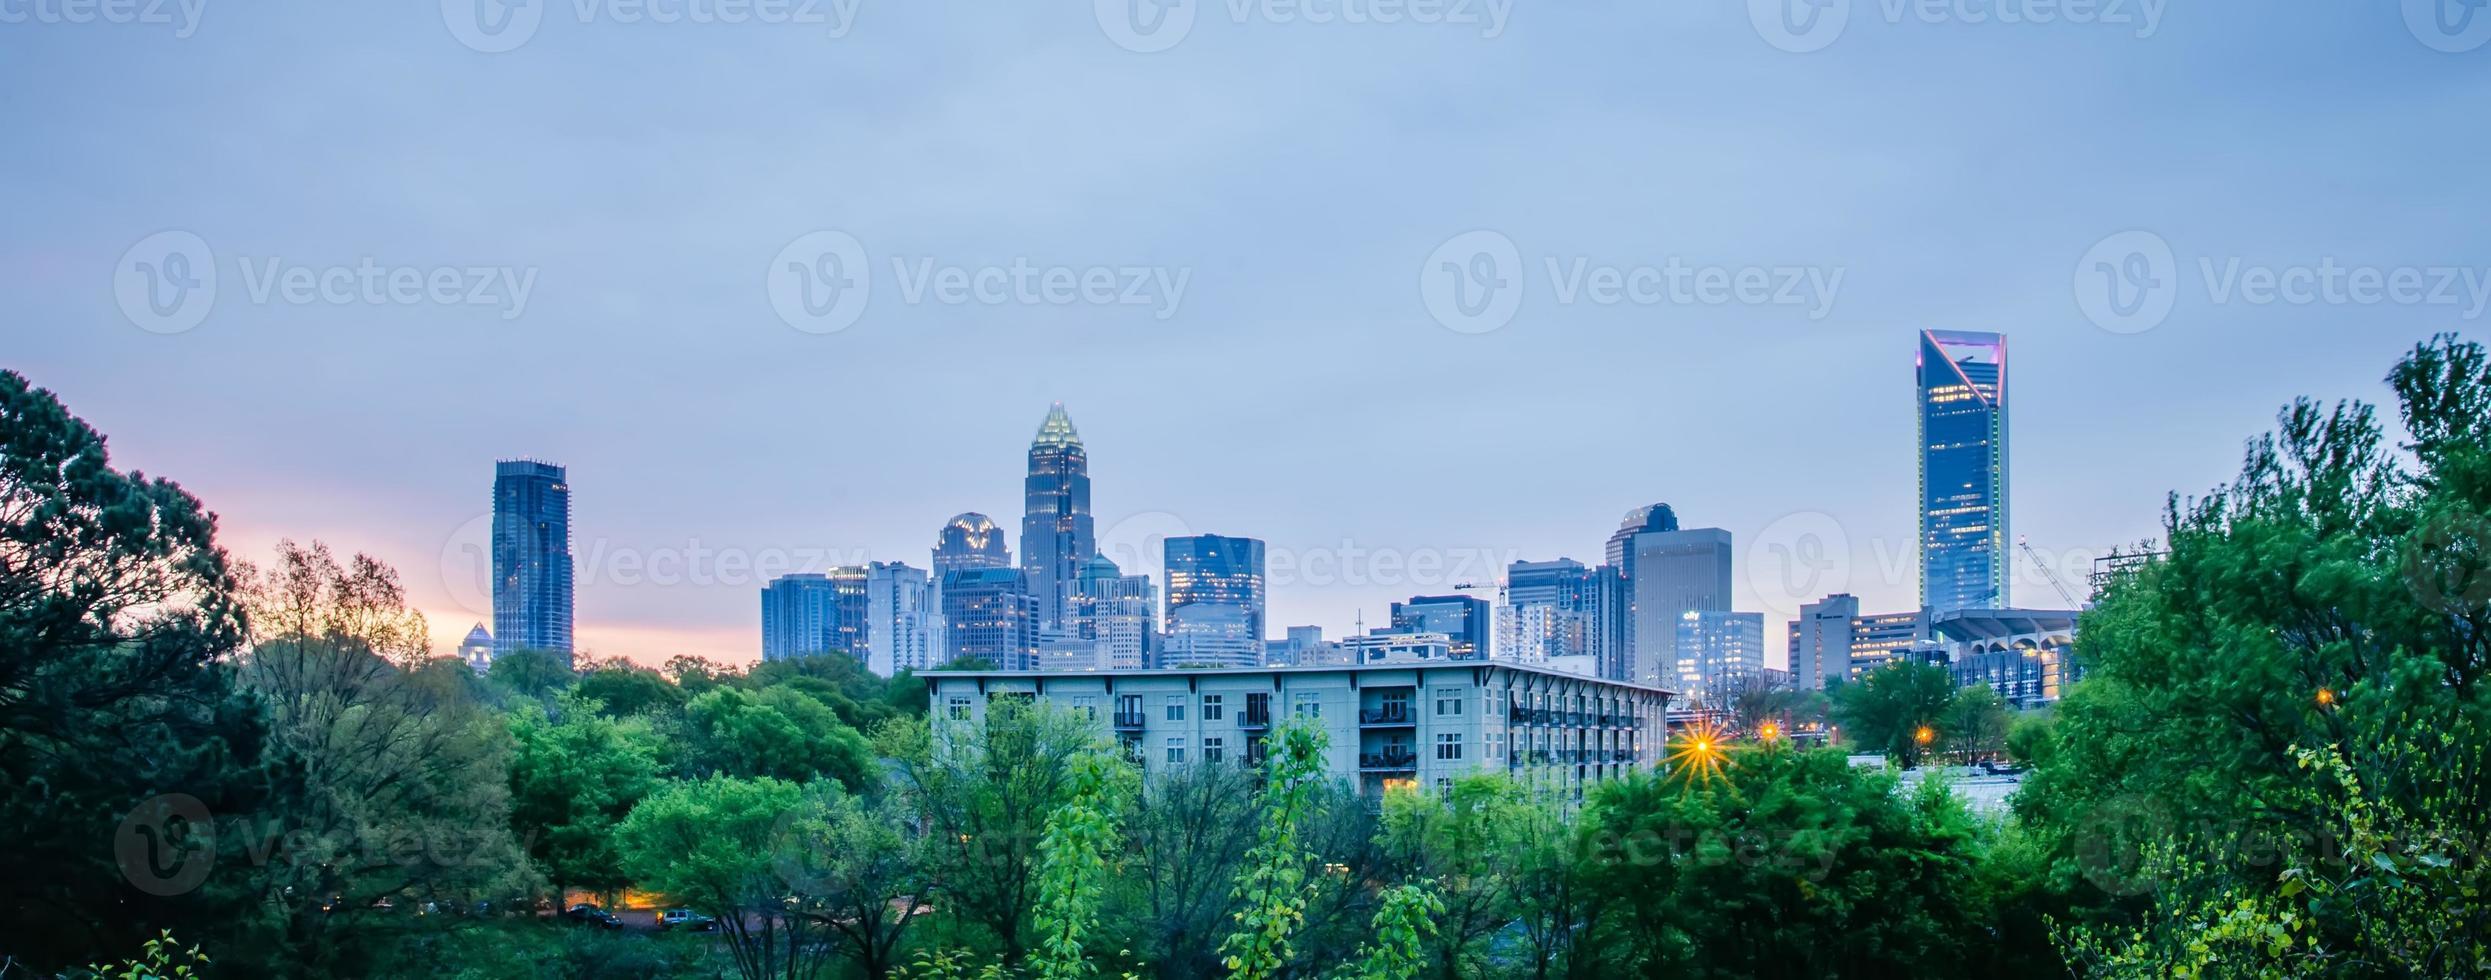 mattina nuvolosa precoce sullo skyline di Charlotte in North Carolina foto